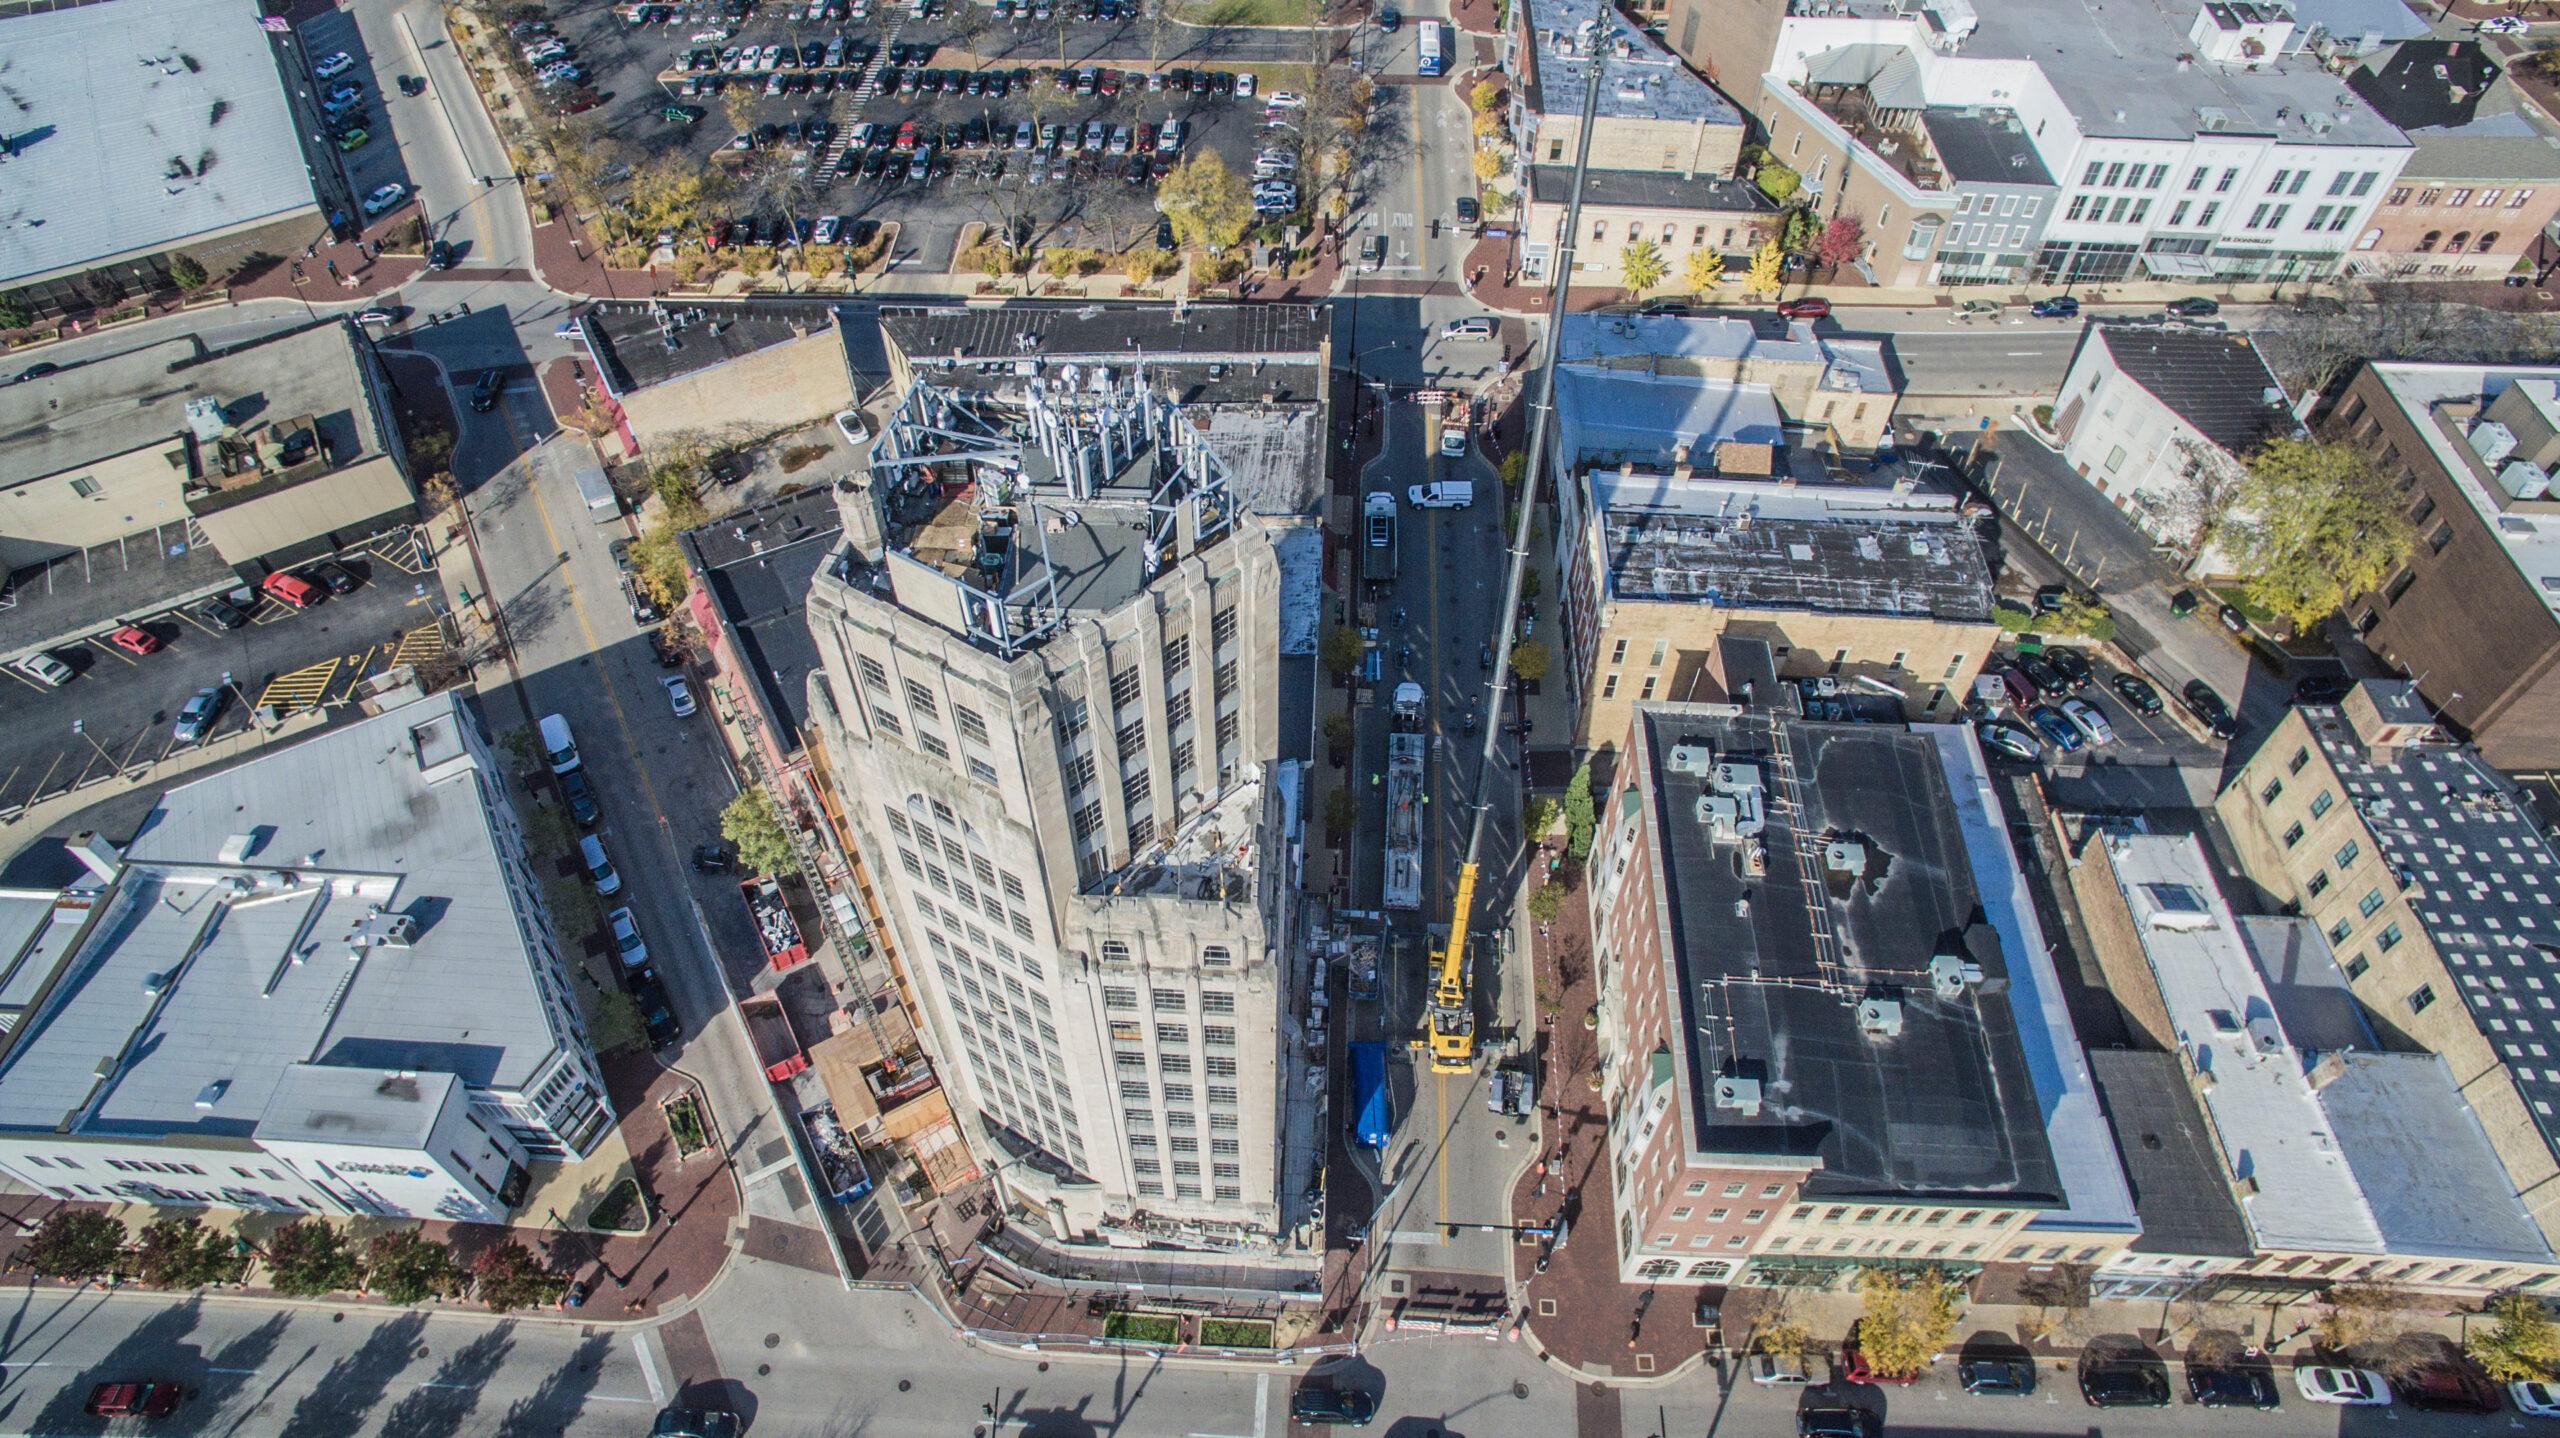 Elgin Tower Building Wins Preservation Award